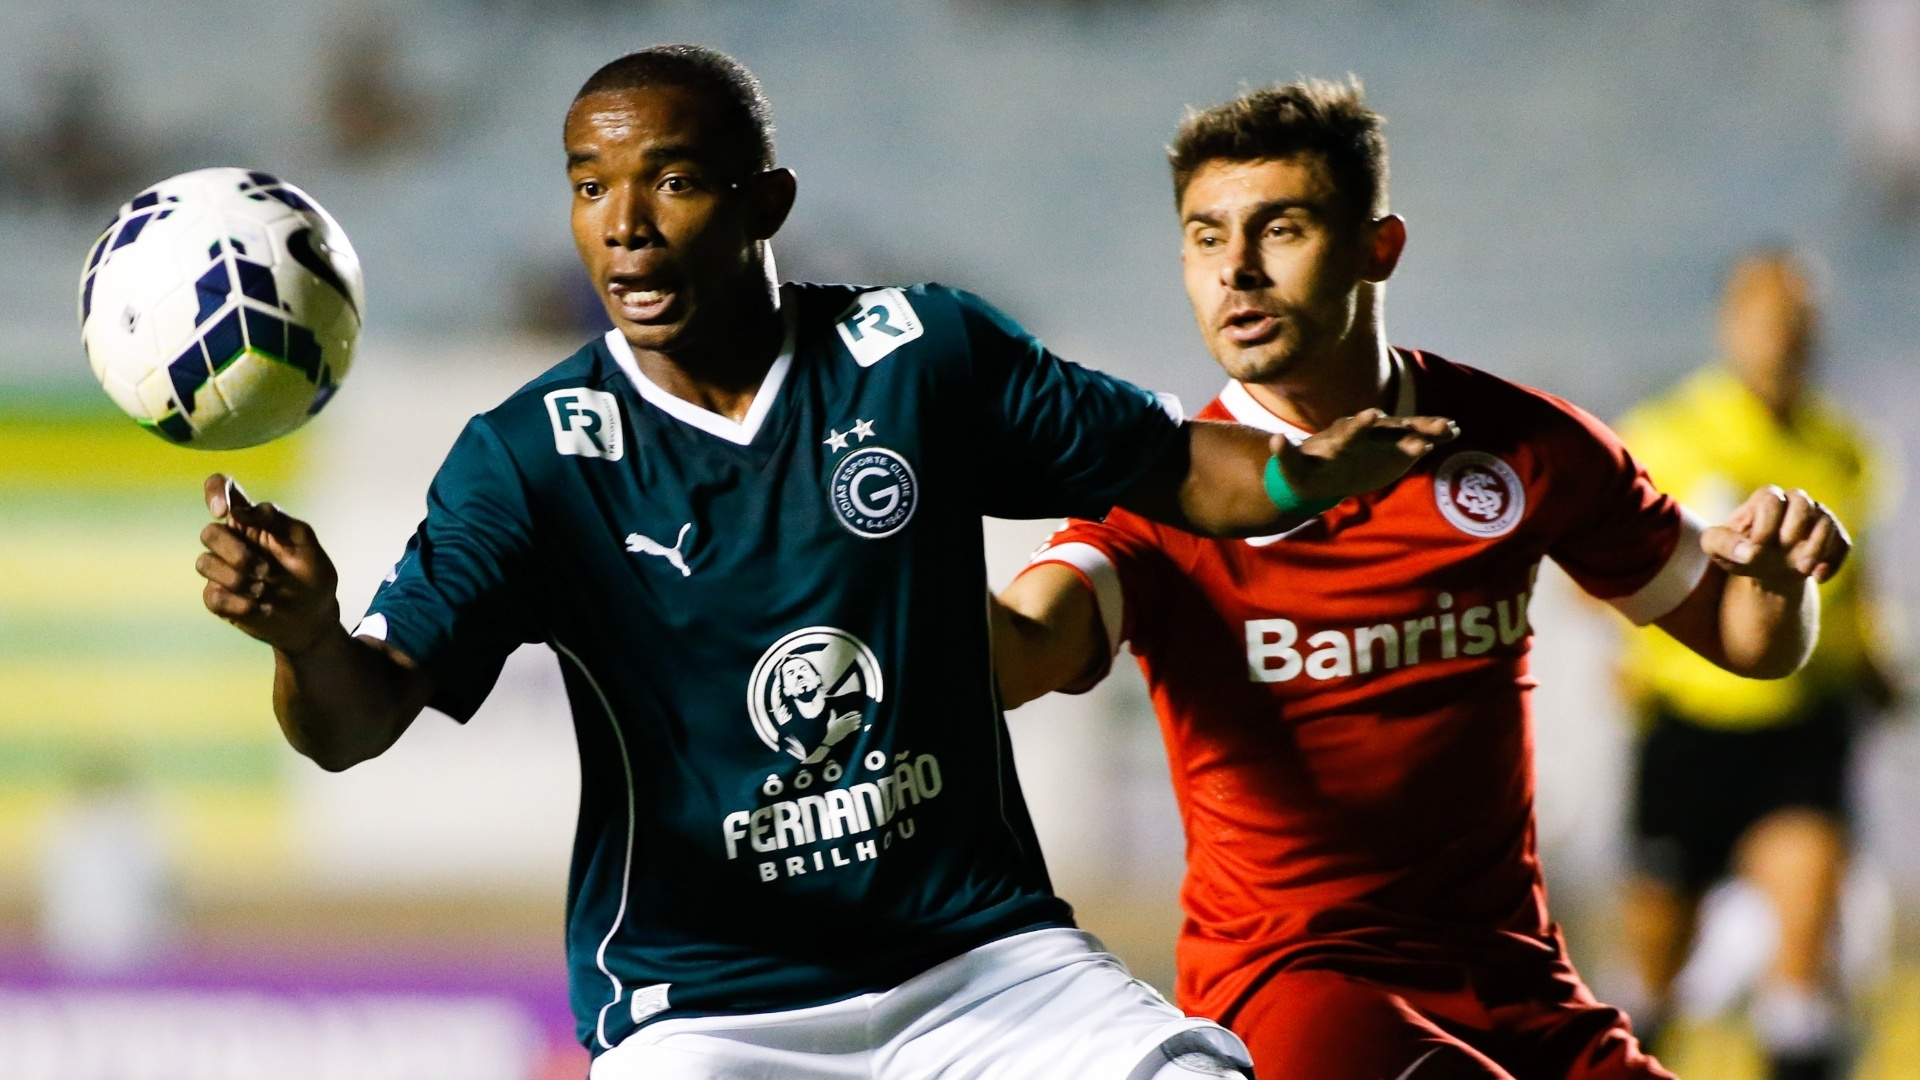 Thiago Mendes, do Goiás, tenta dominar a bola marcado de perto por Alex, do Internacional